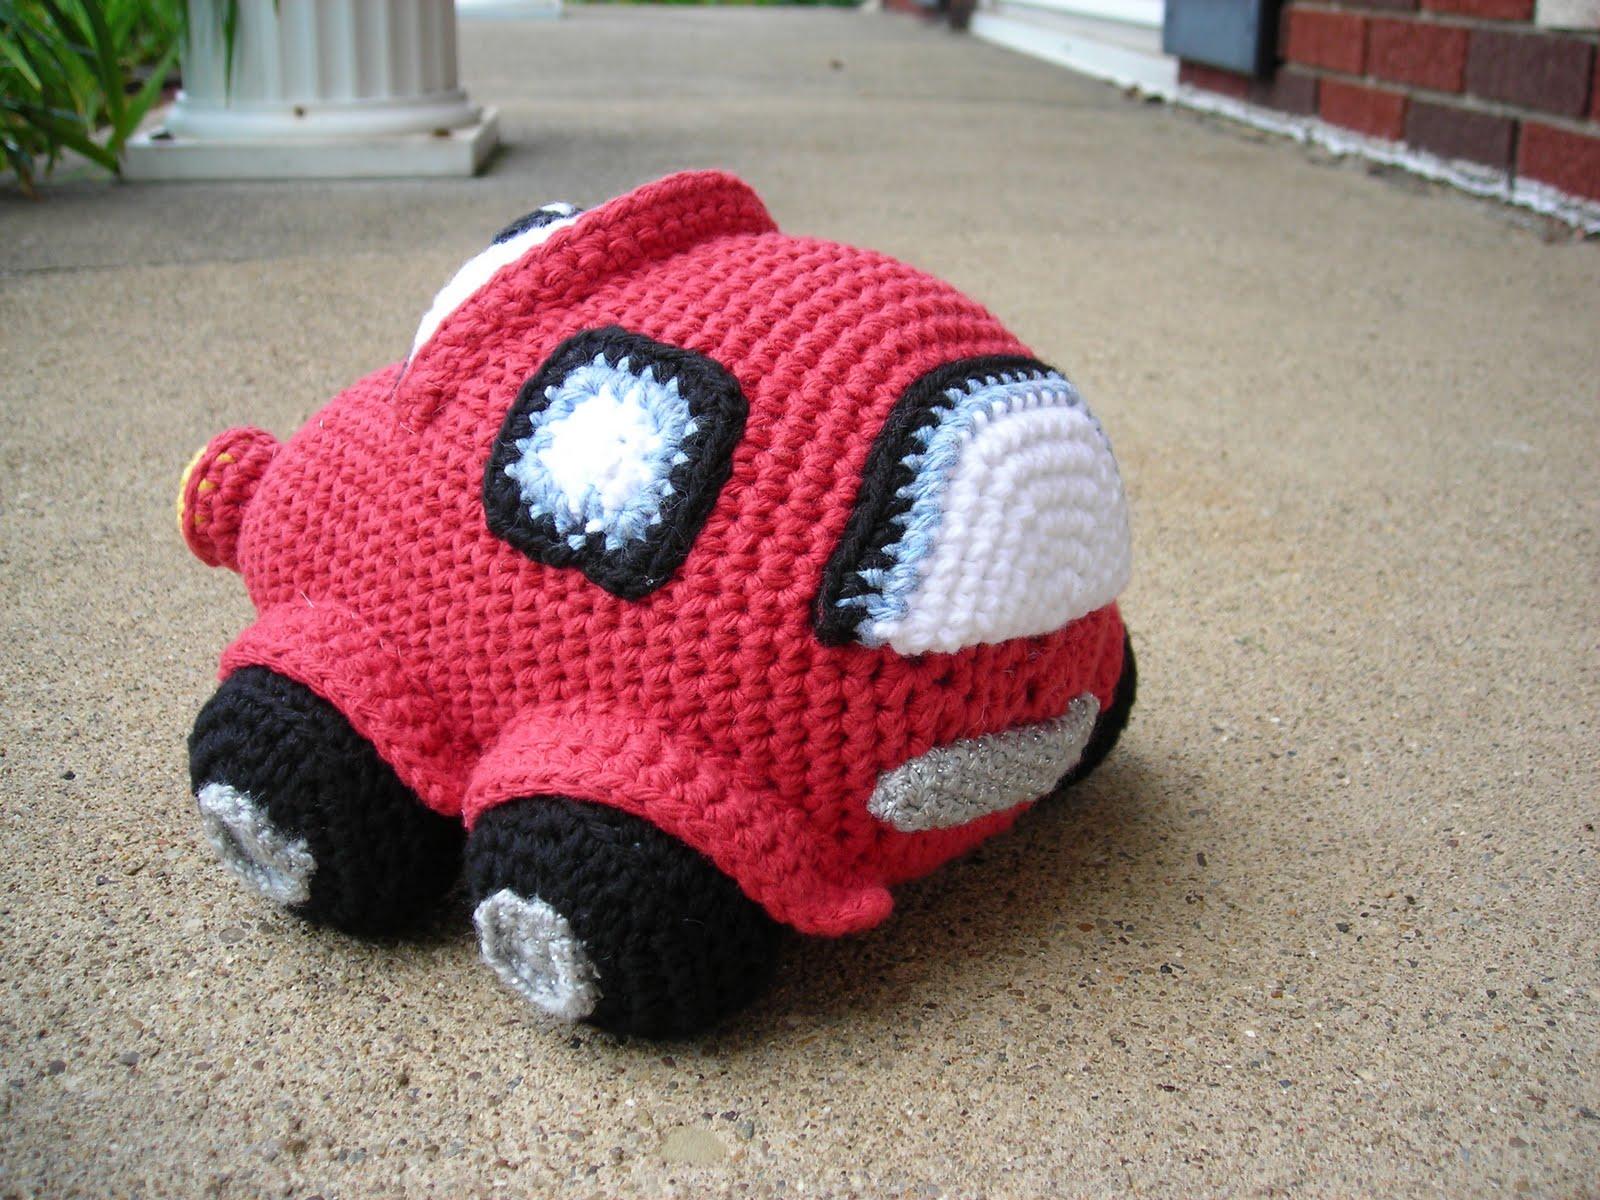 UFO Crafting: Red Amigurumi Car